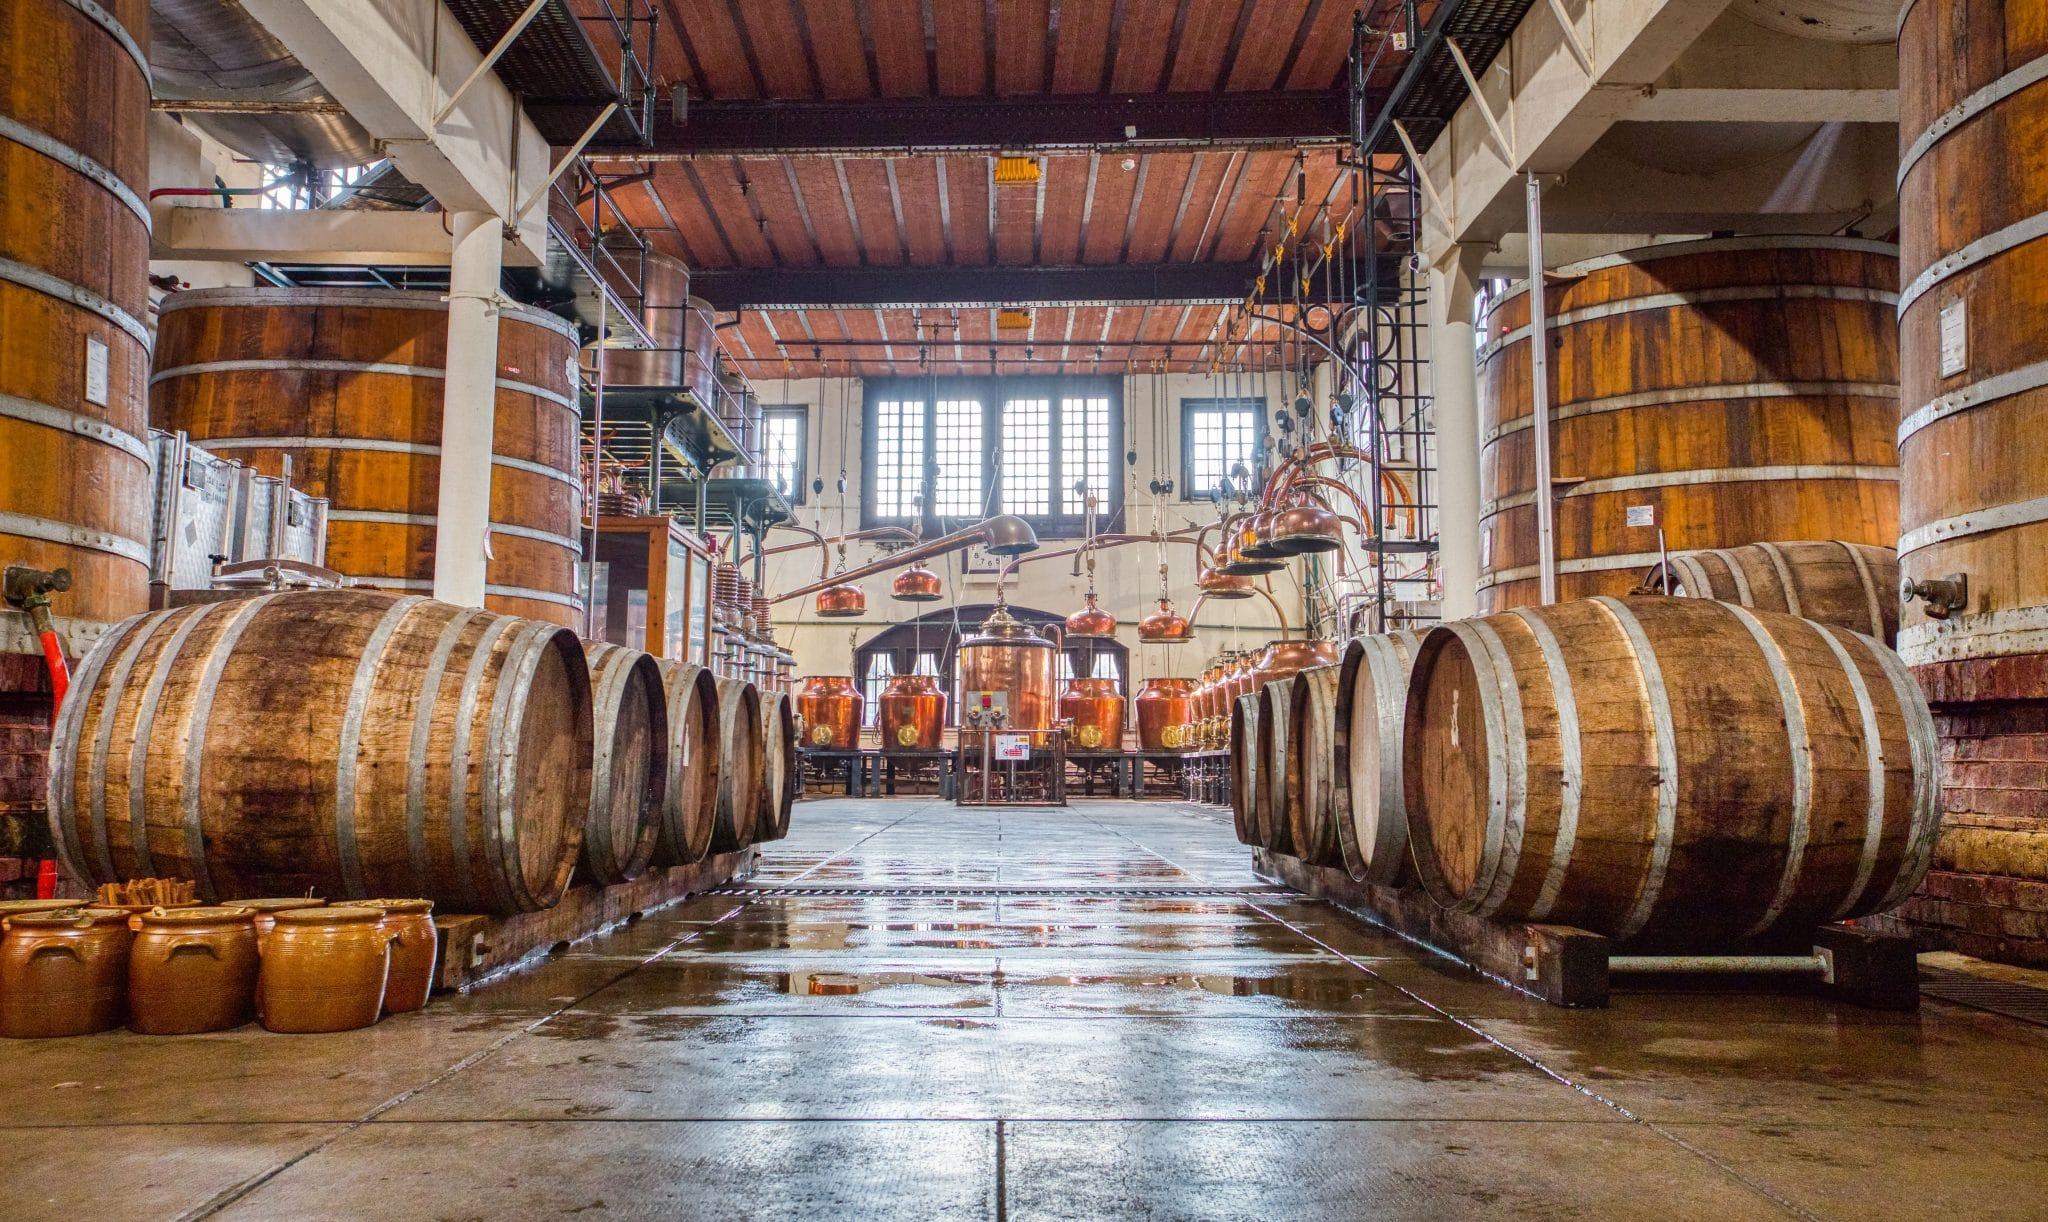 palais bénédictine visite dégustation atelier mixologie paris alcool digestif alambics histoire culture patrimoine